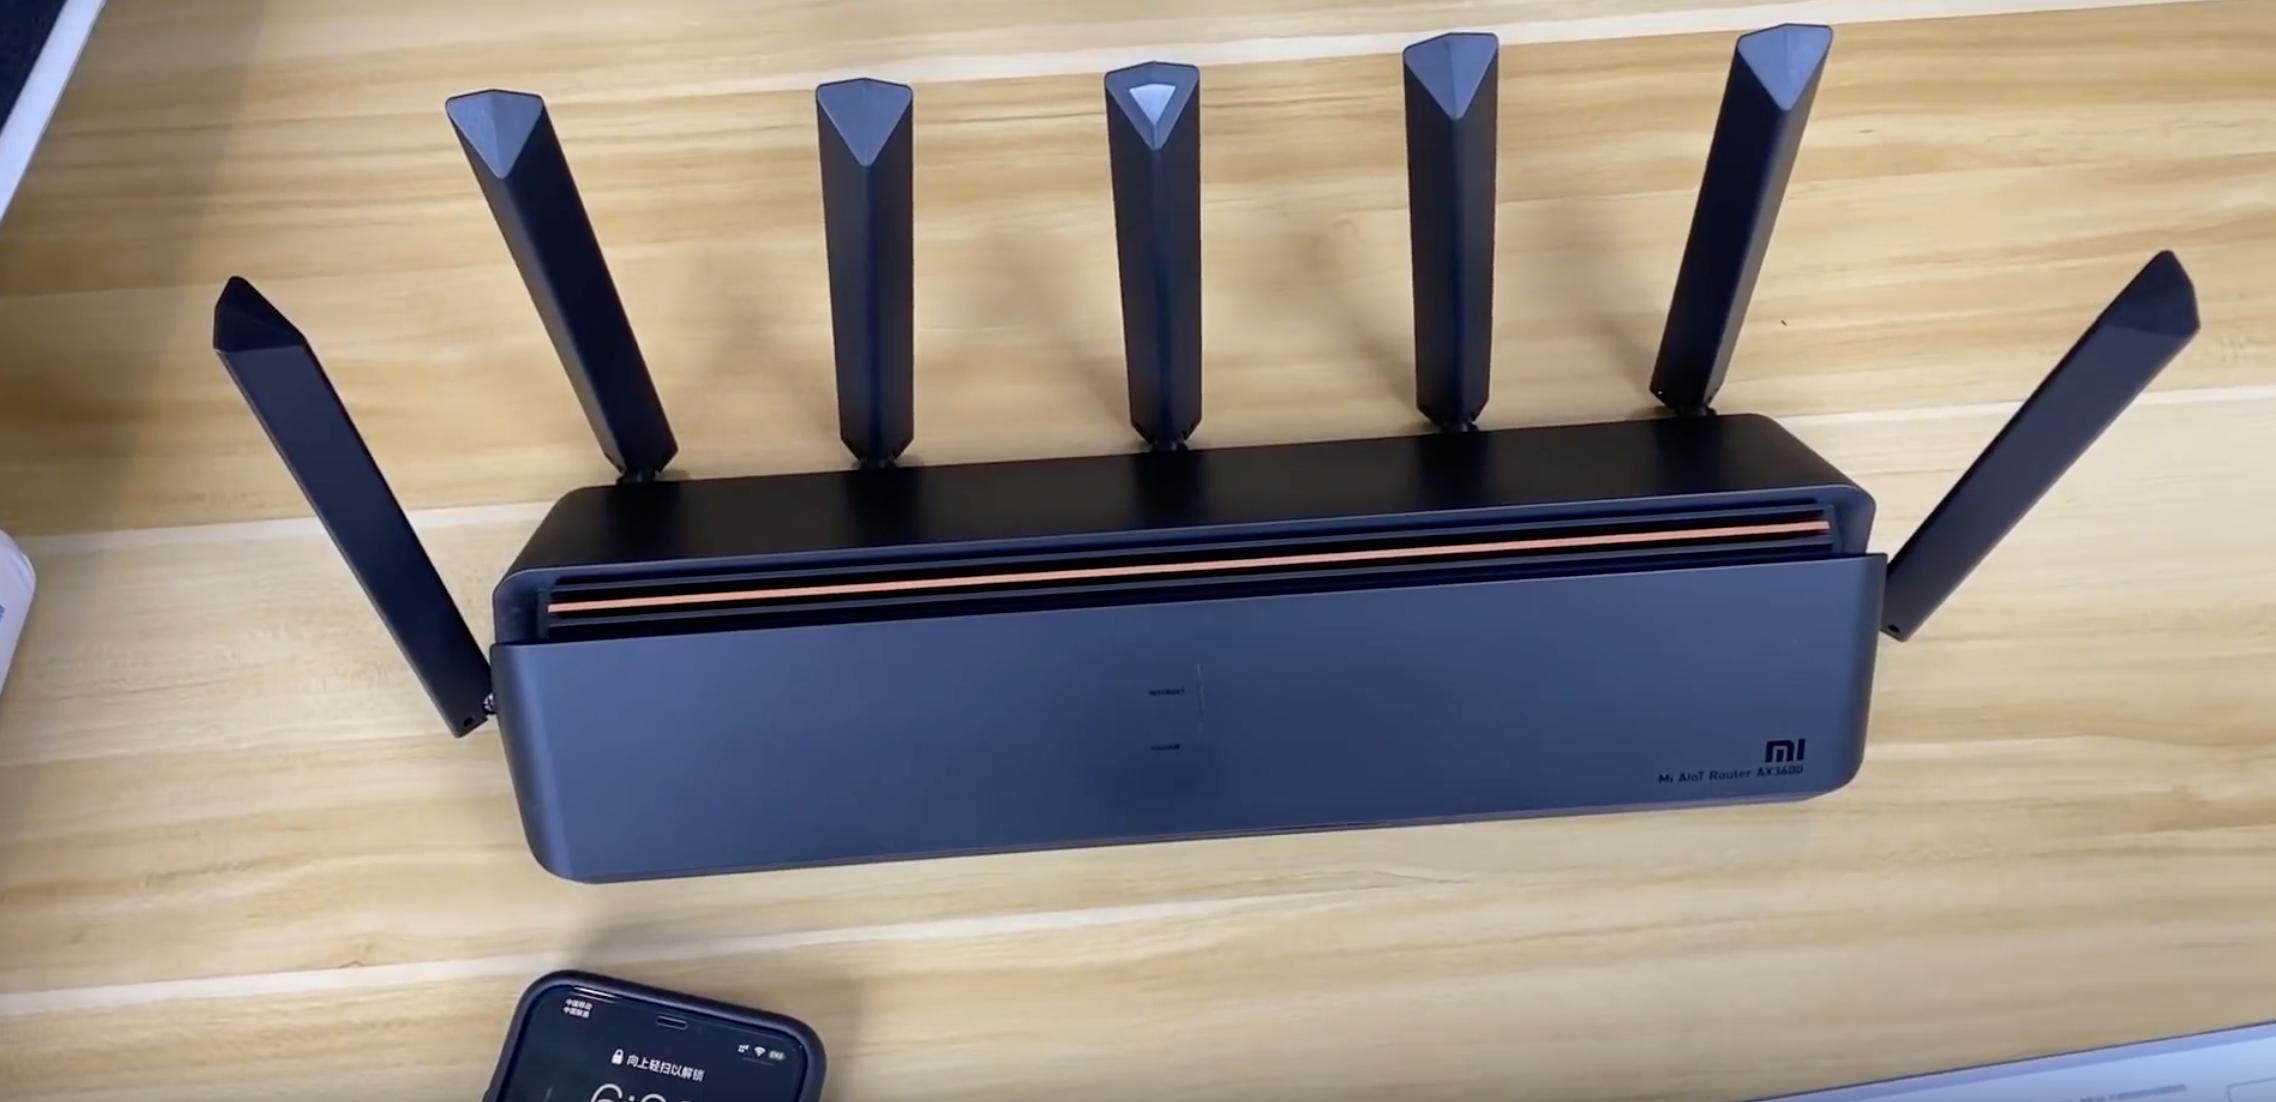 Xiaomi Ax3600 router